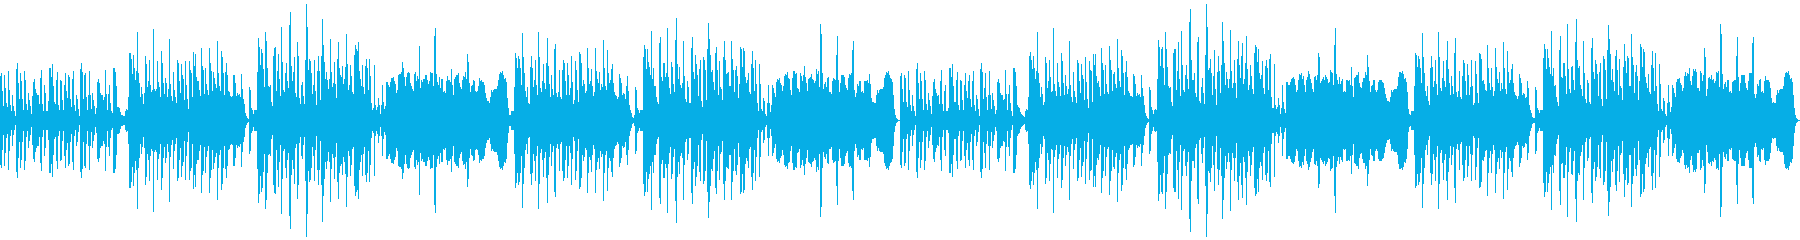 【ループ】RPGで使用する街・会話等の曲の再生済みの波形